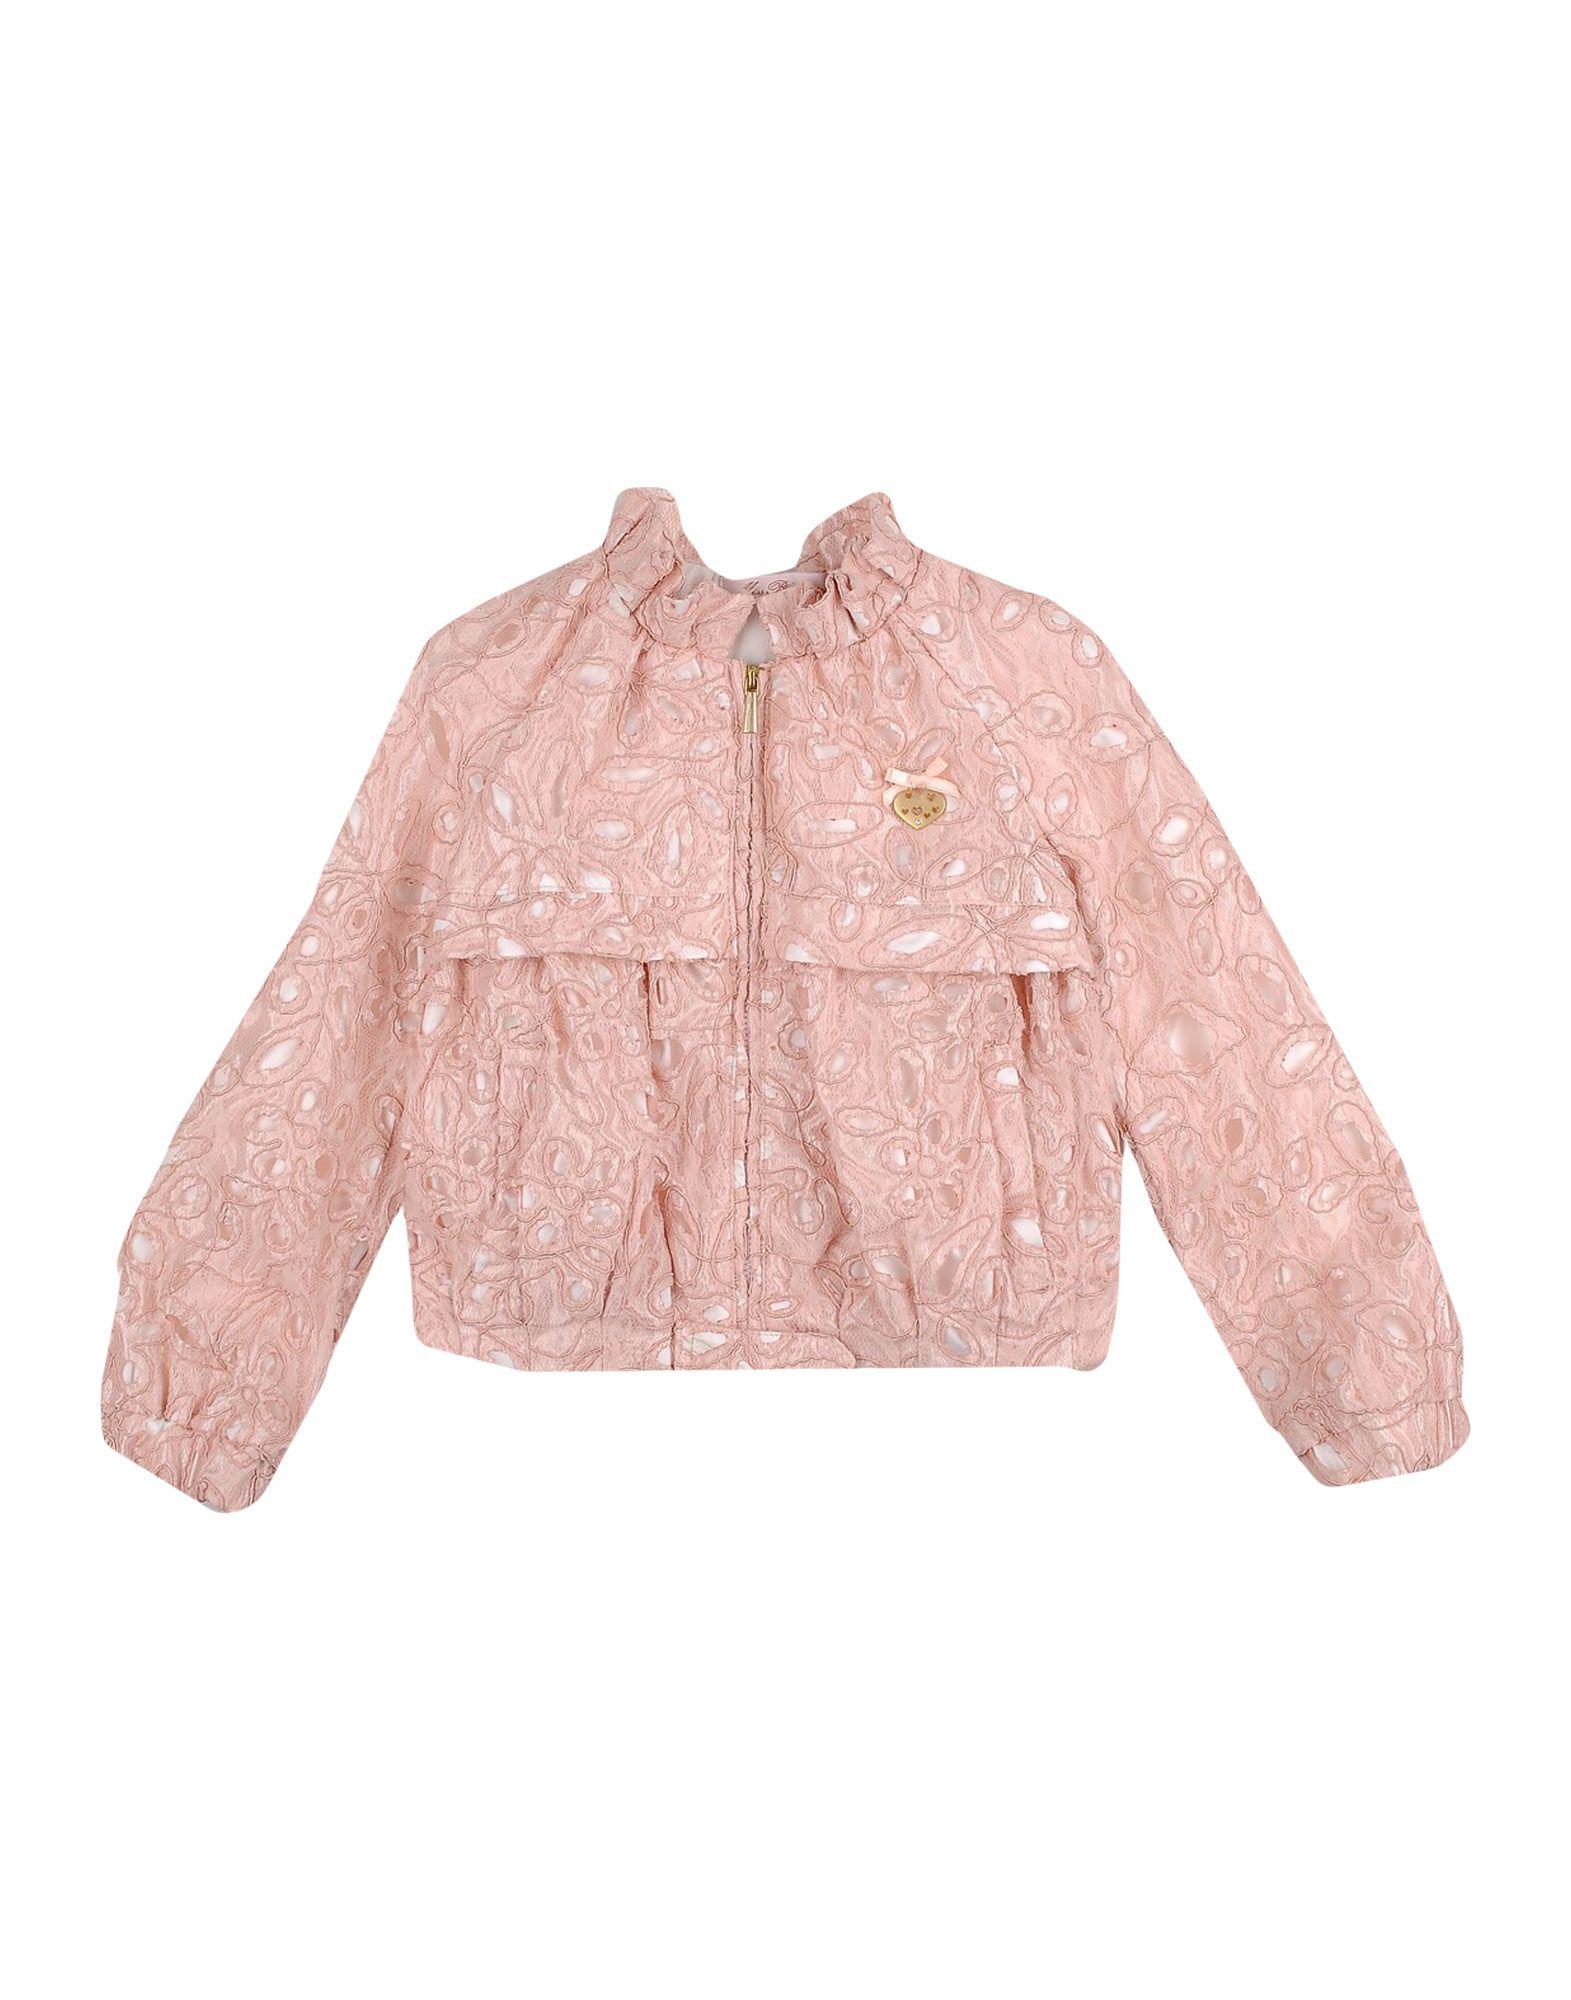 MISS BLUMARINE Jacket in Pastel Pink